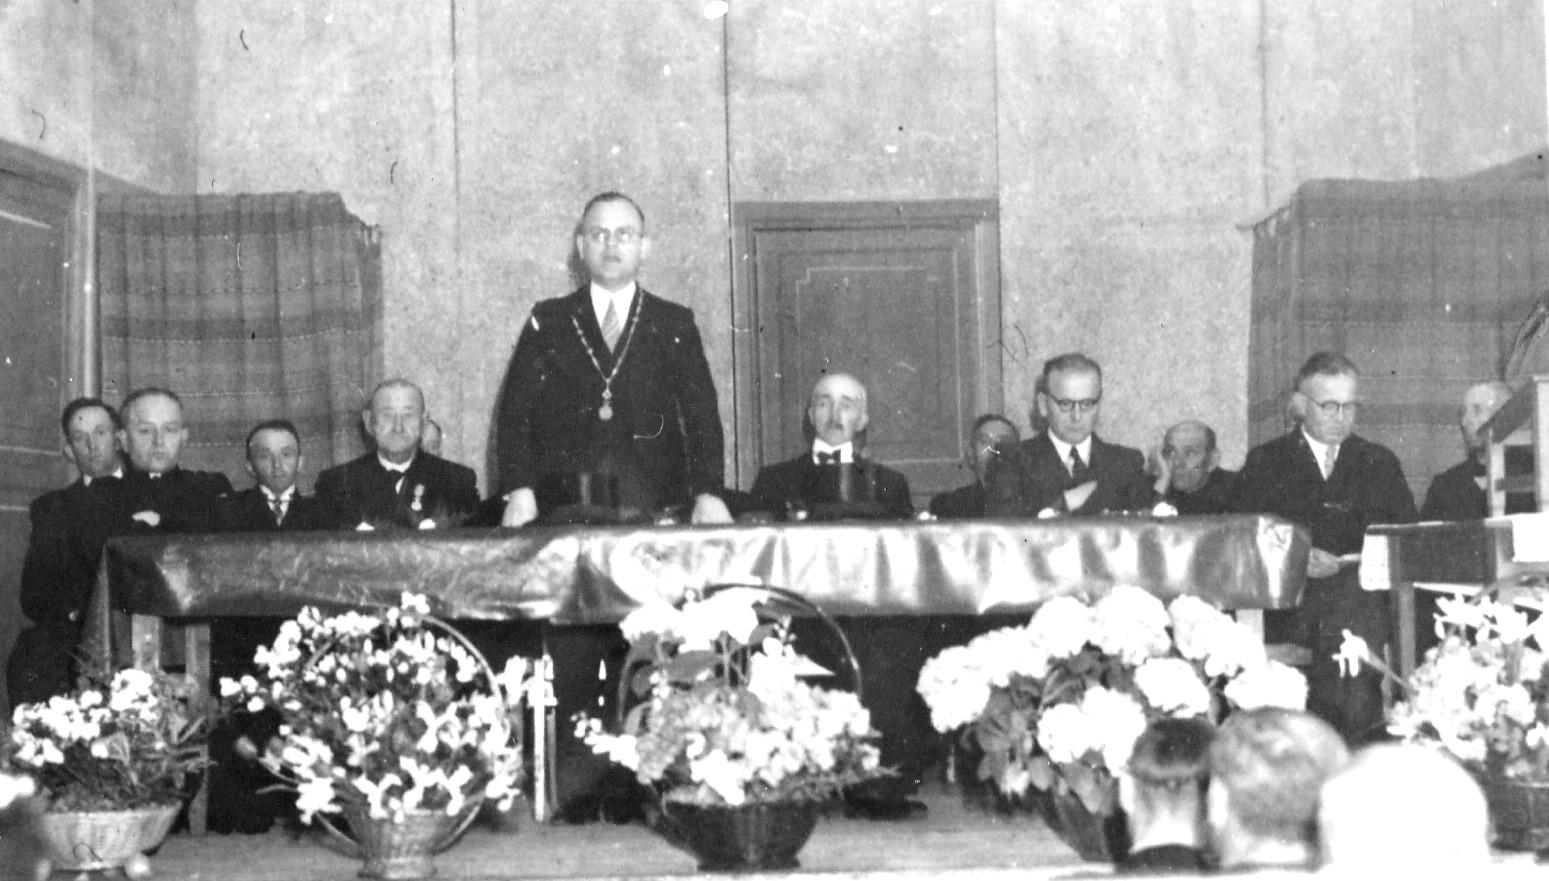 ca1947 Bestuur boerenbond, mogelijk tgv 50jarg bestaan